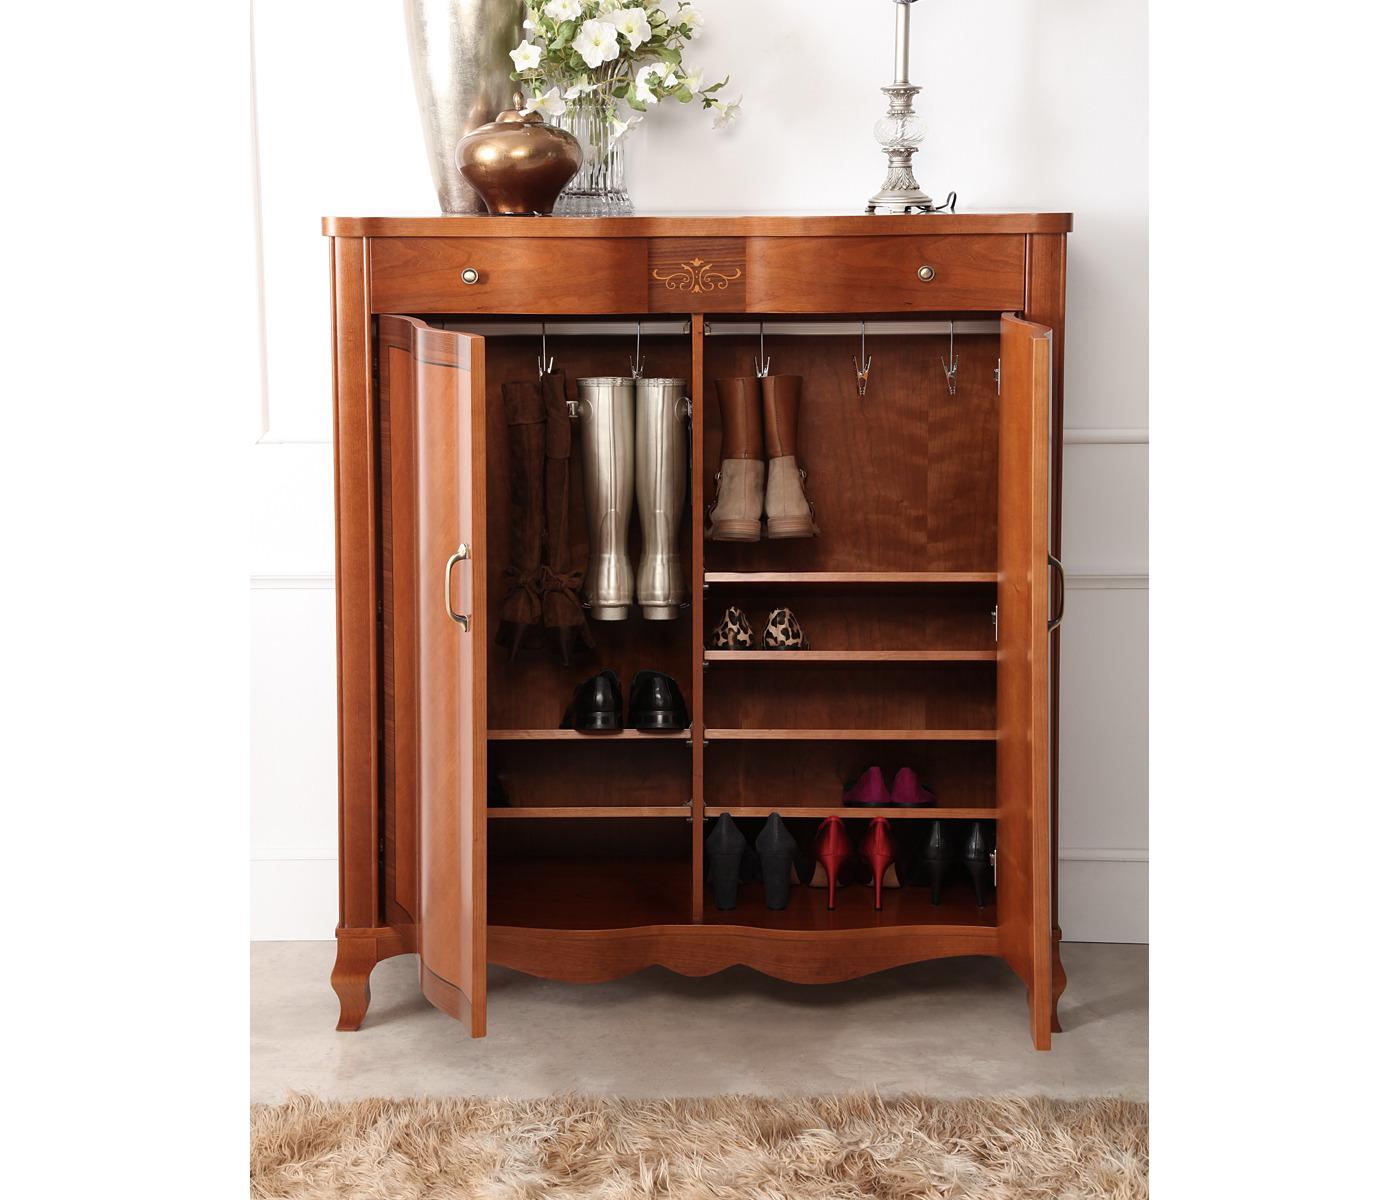 Armario ikea armarios estrechos decoraci n de - Zapateros interior armario ...